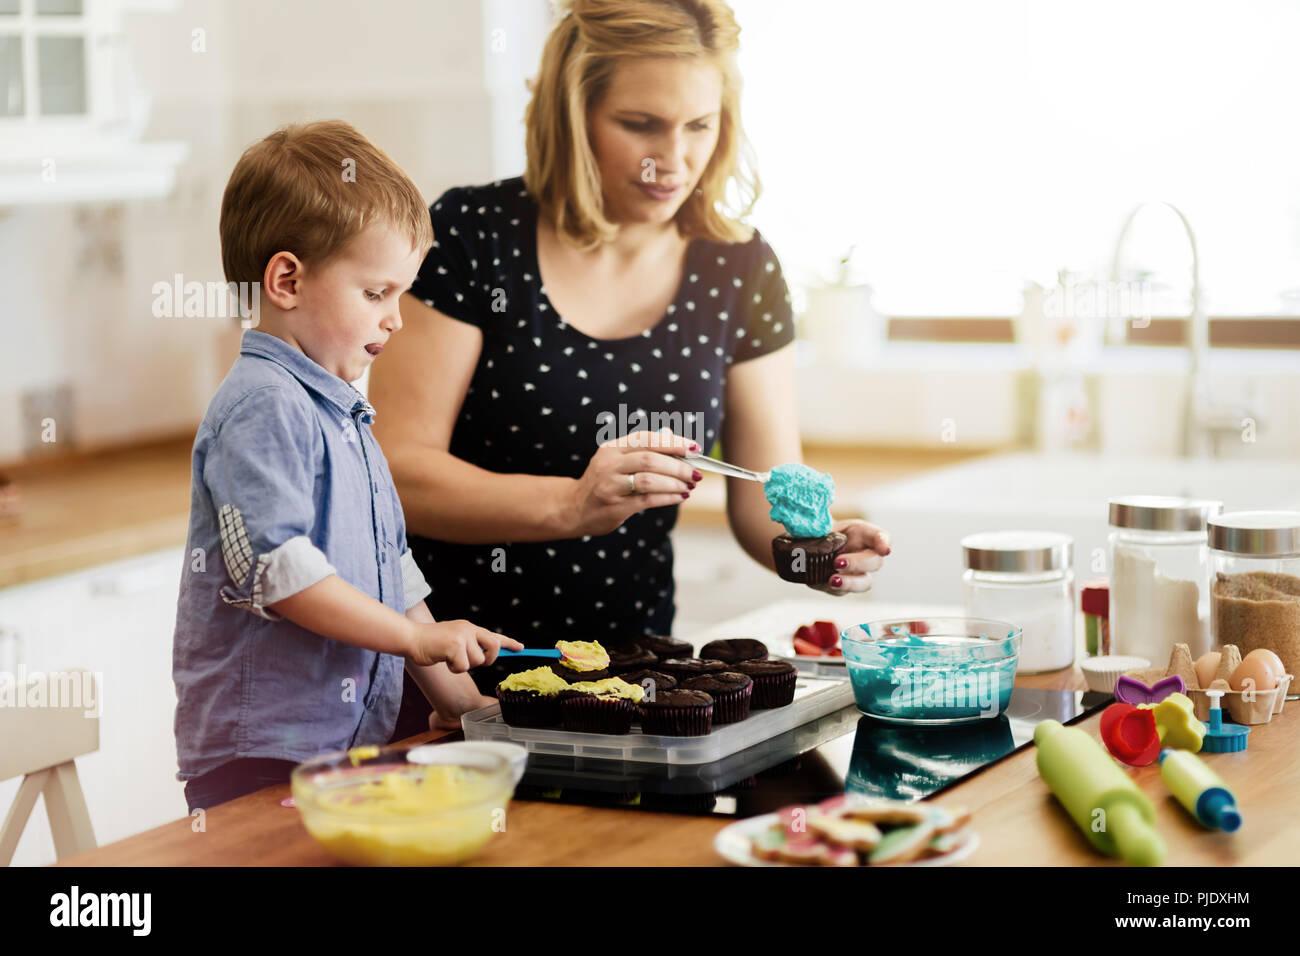 Belle Mère et enfant baking Photo Stock